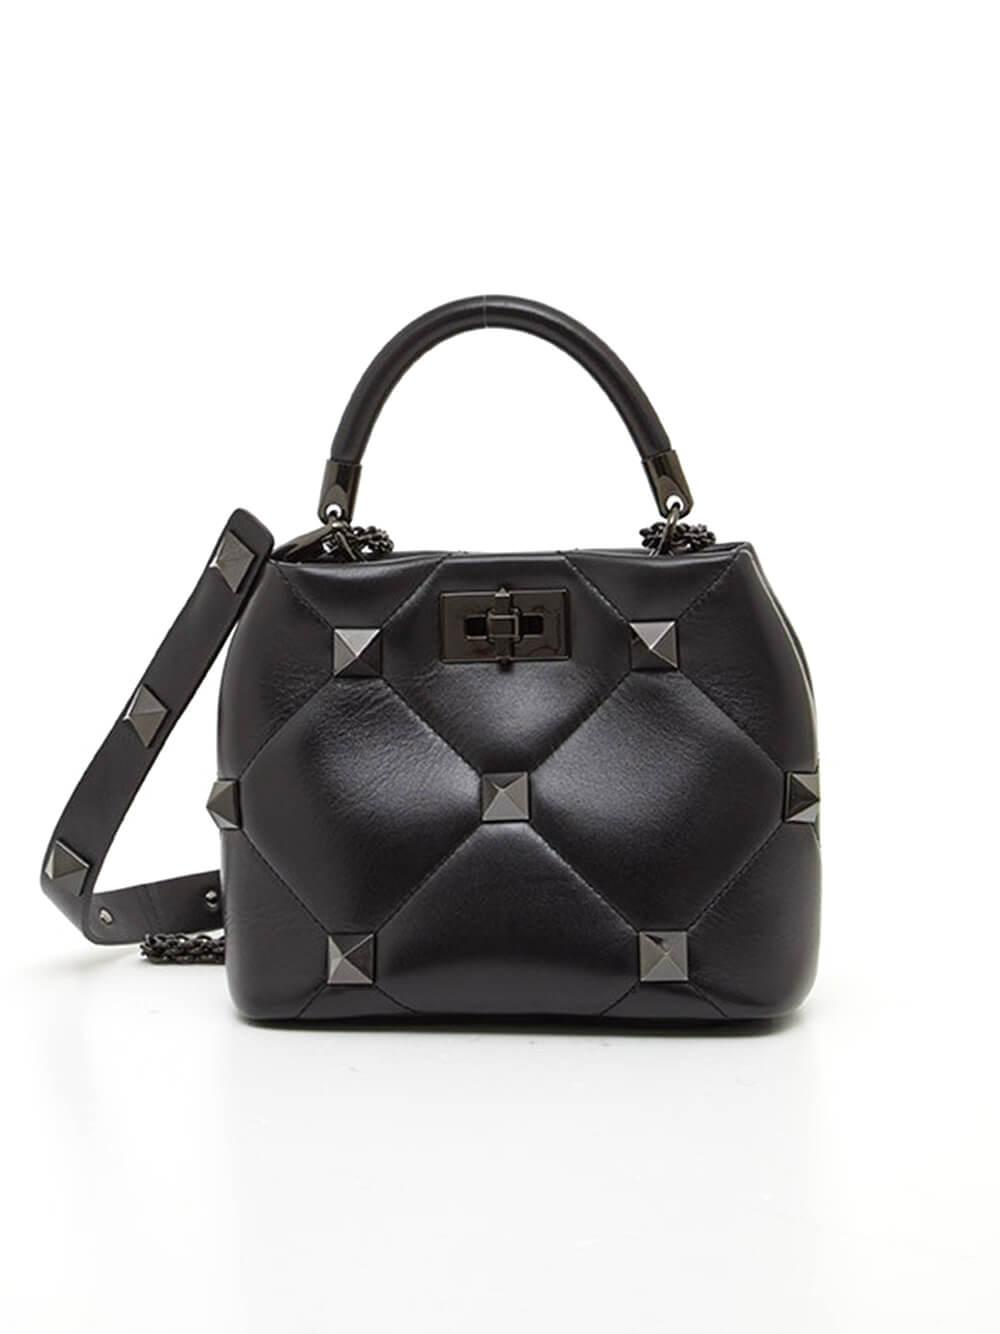 Roman Stud Small Top Handle Bag Item # WW2B0I97LWB